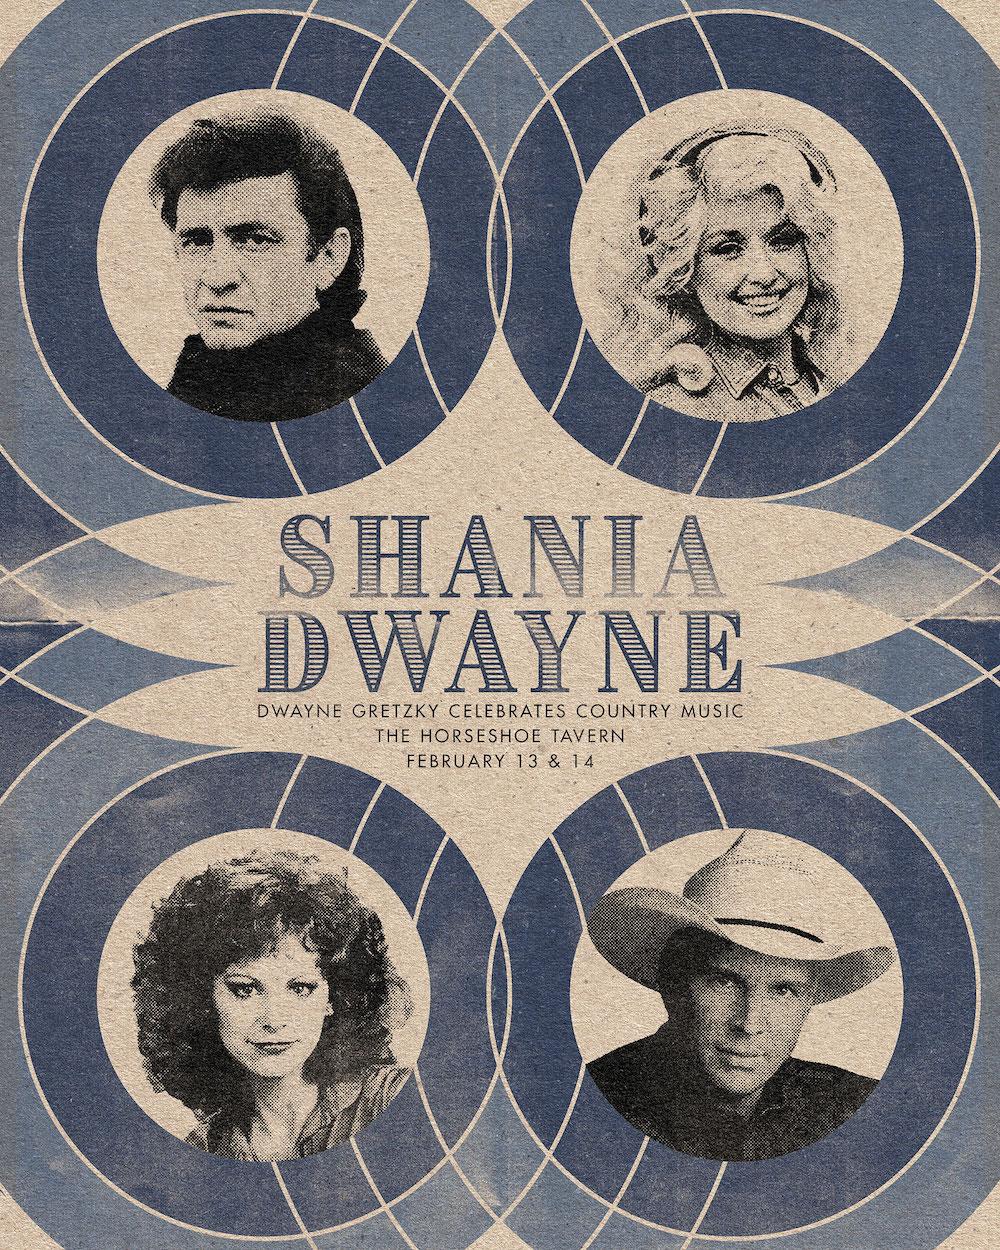 Shania Dwayne